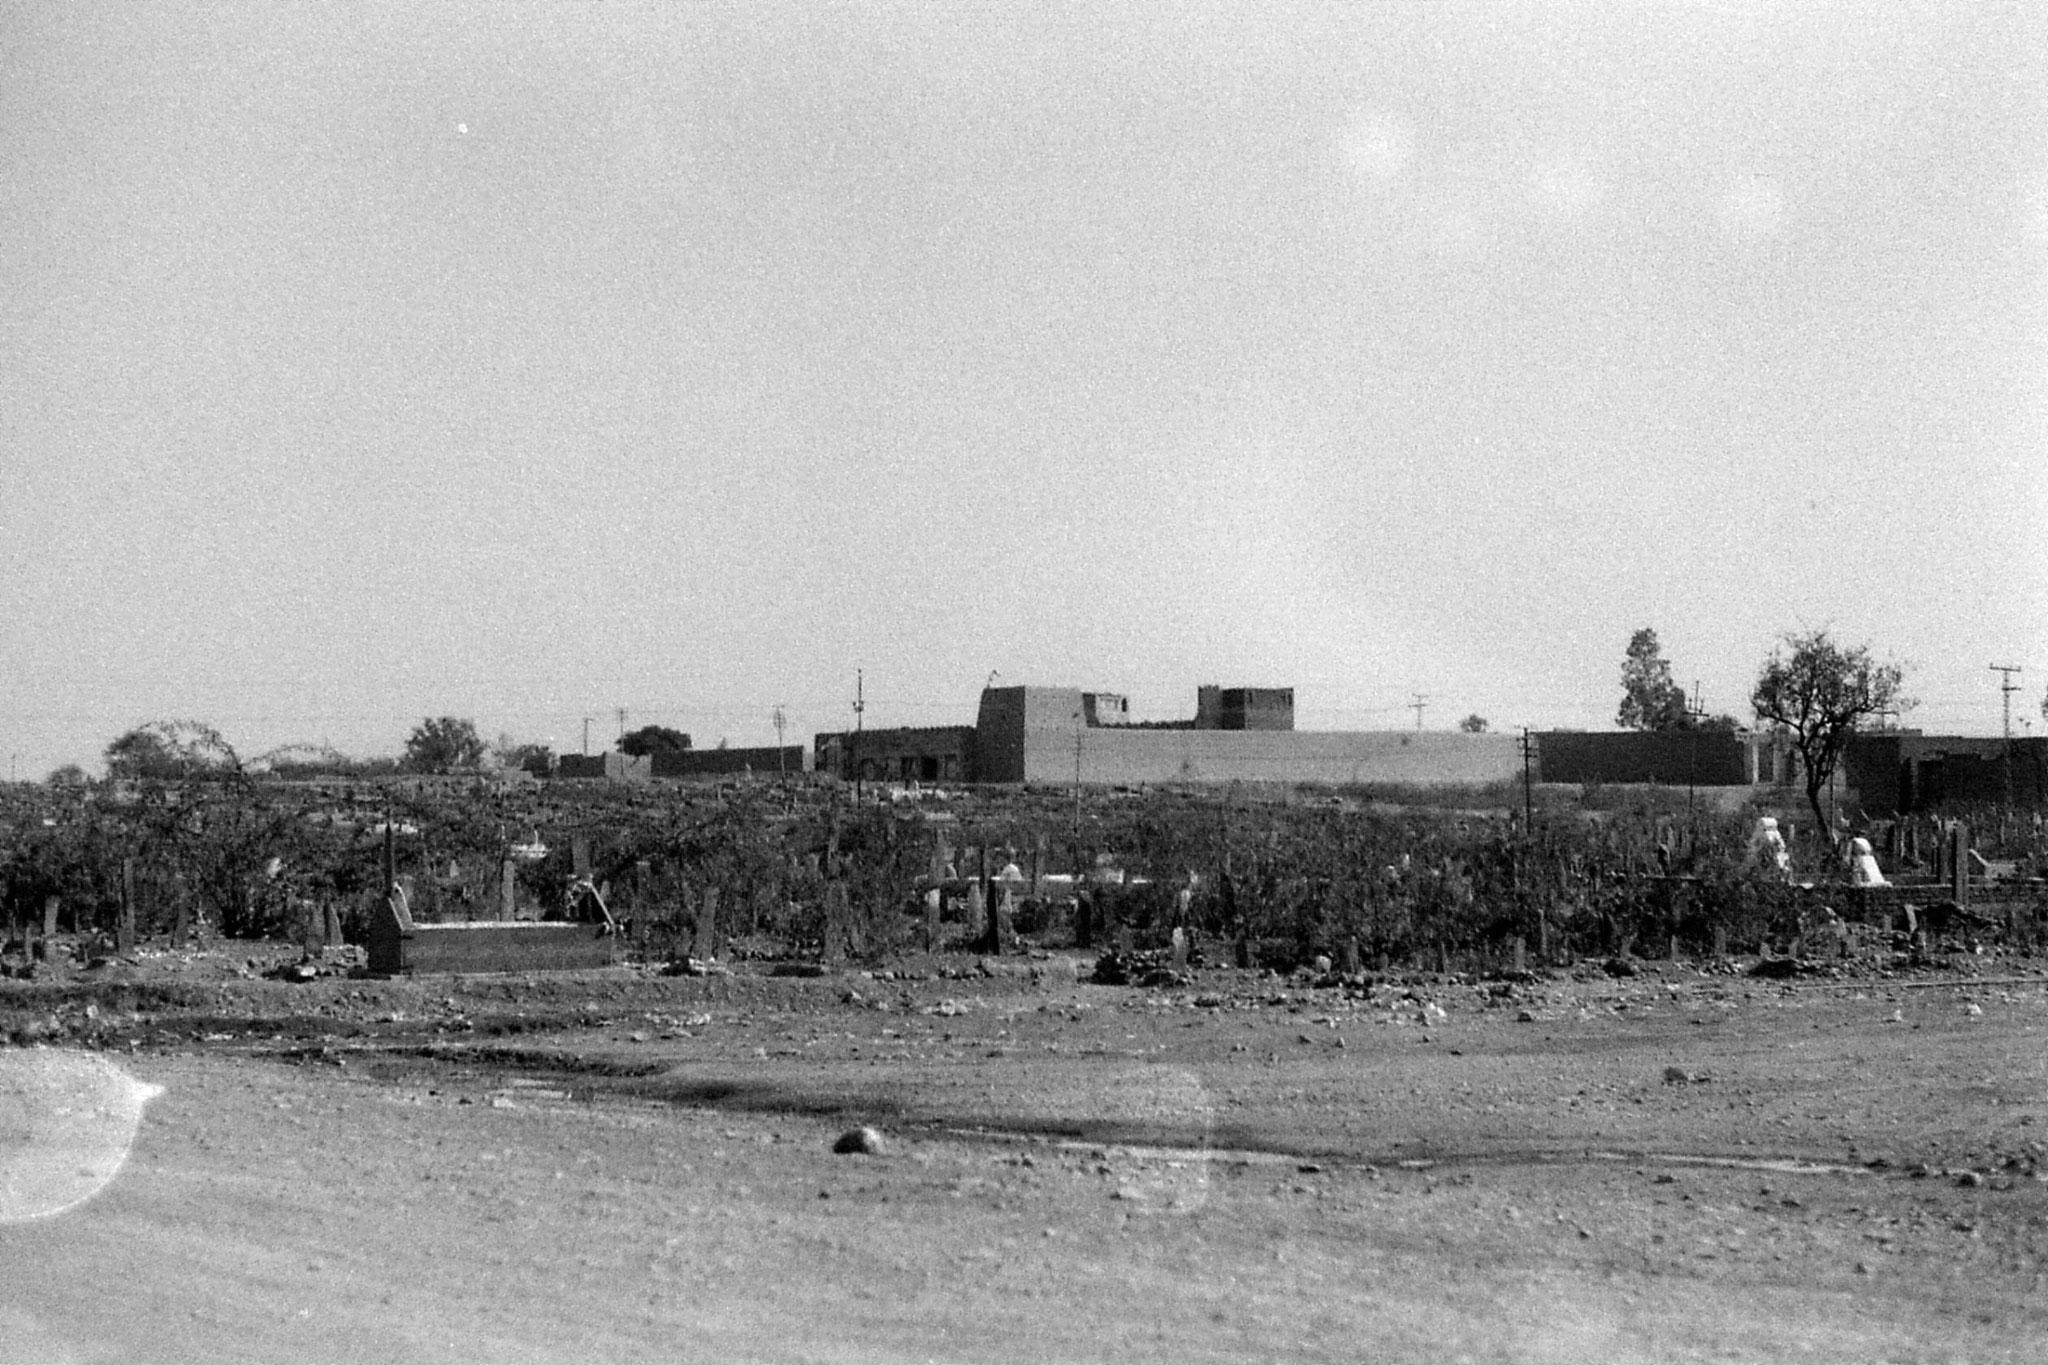 6/11/1989: 31: fortress near Peshawar